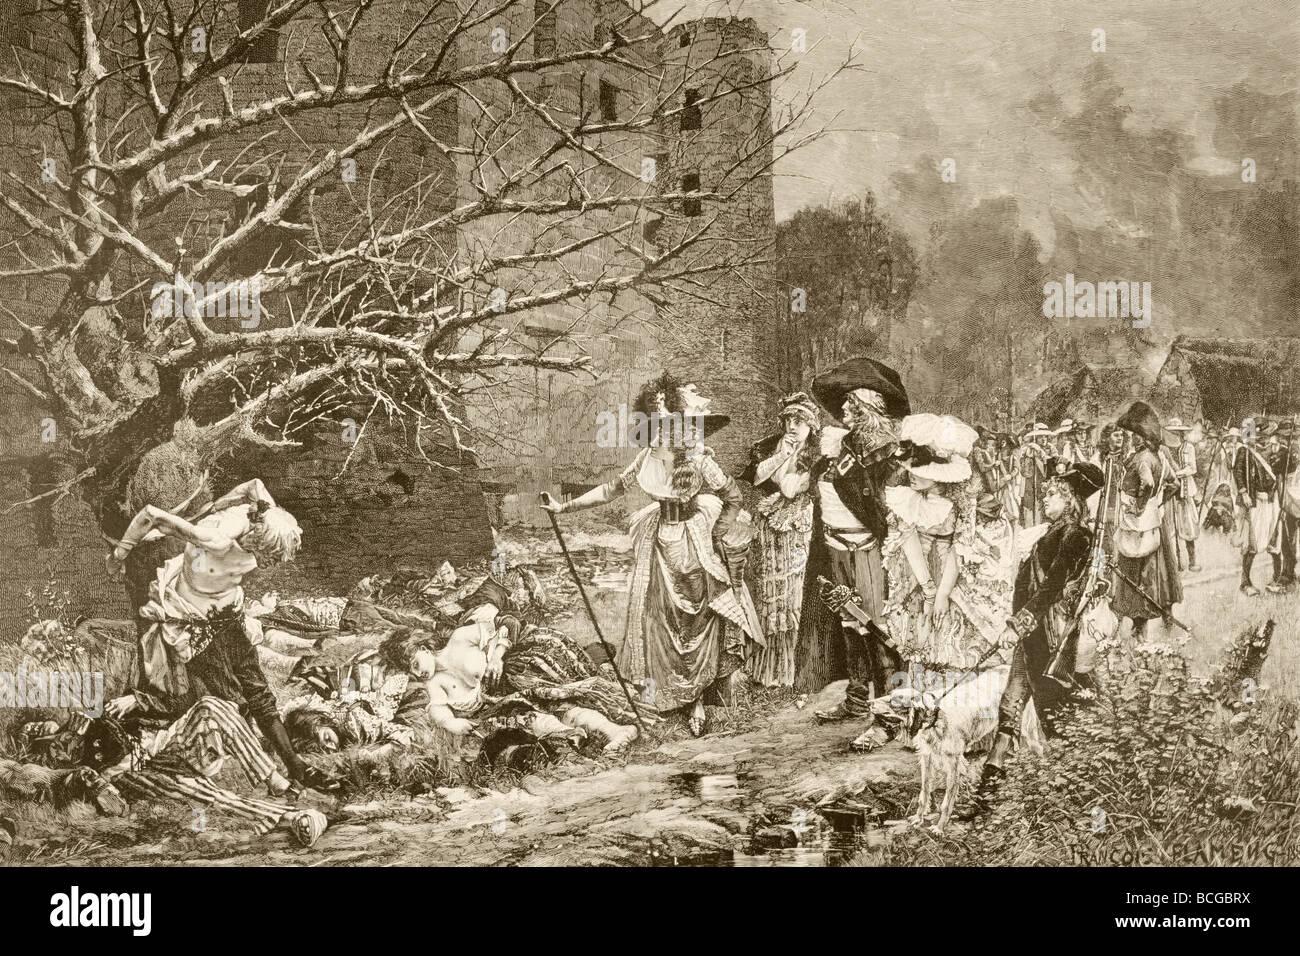 Das Massaker von Machecoul, Frankreich während der französischen Revolution. Stockbild